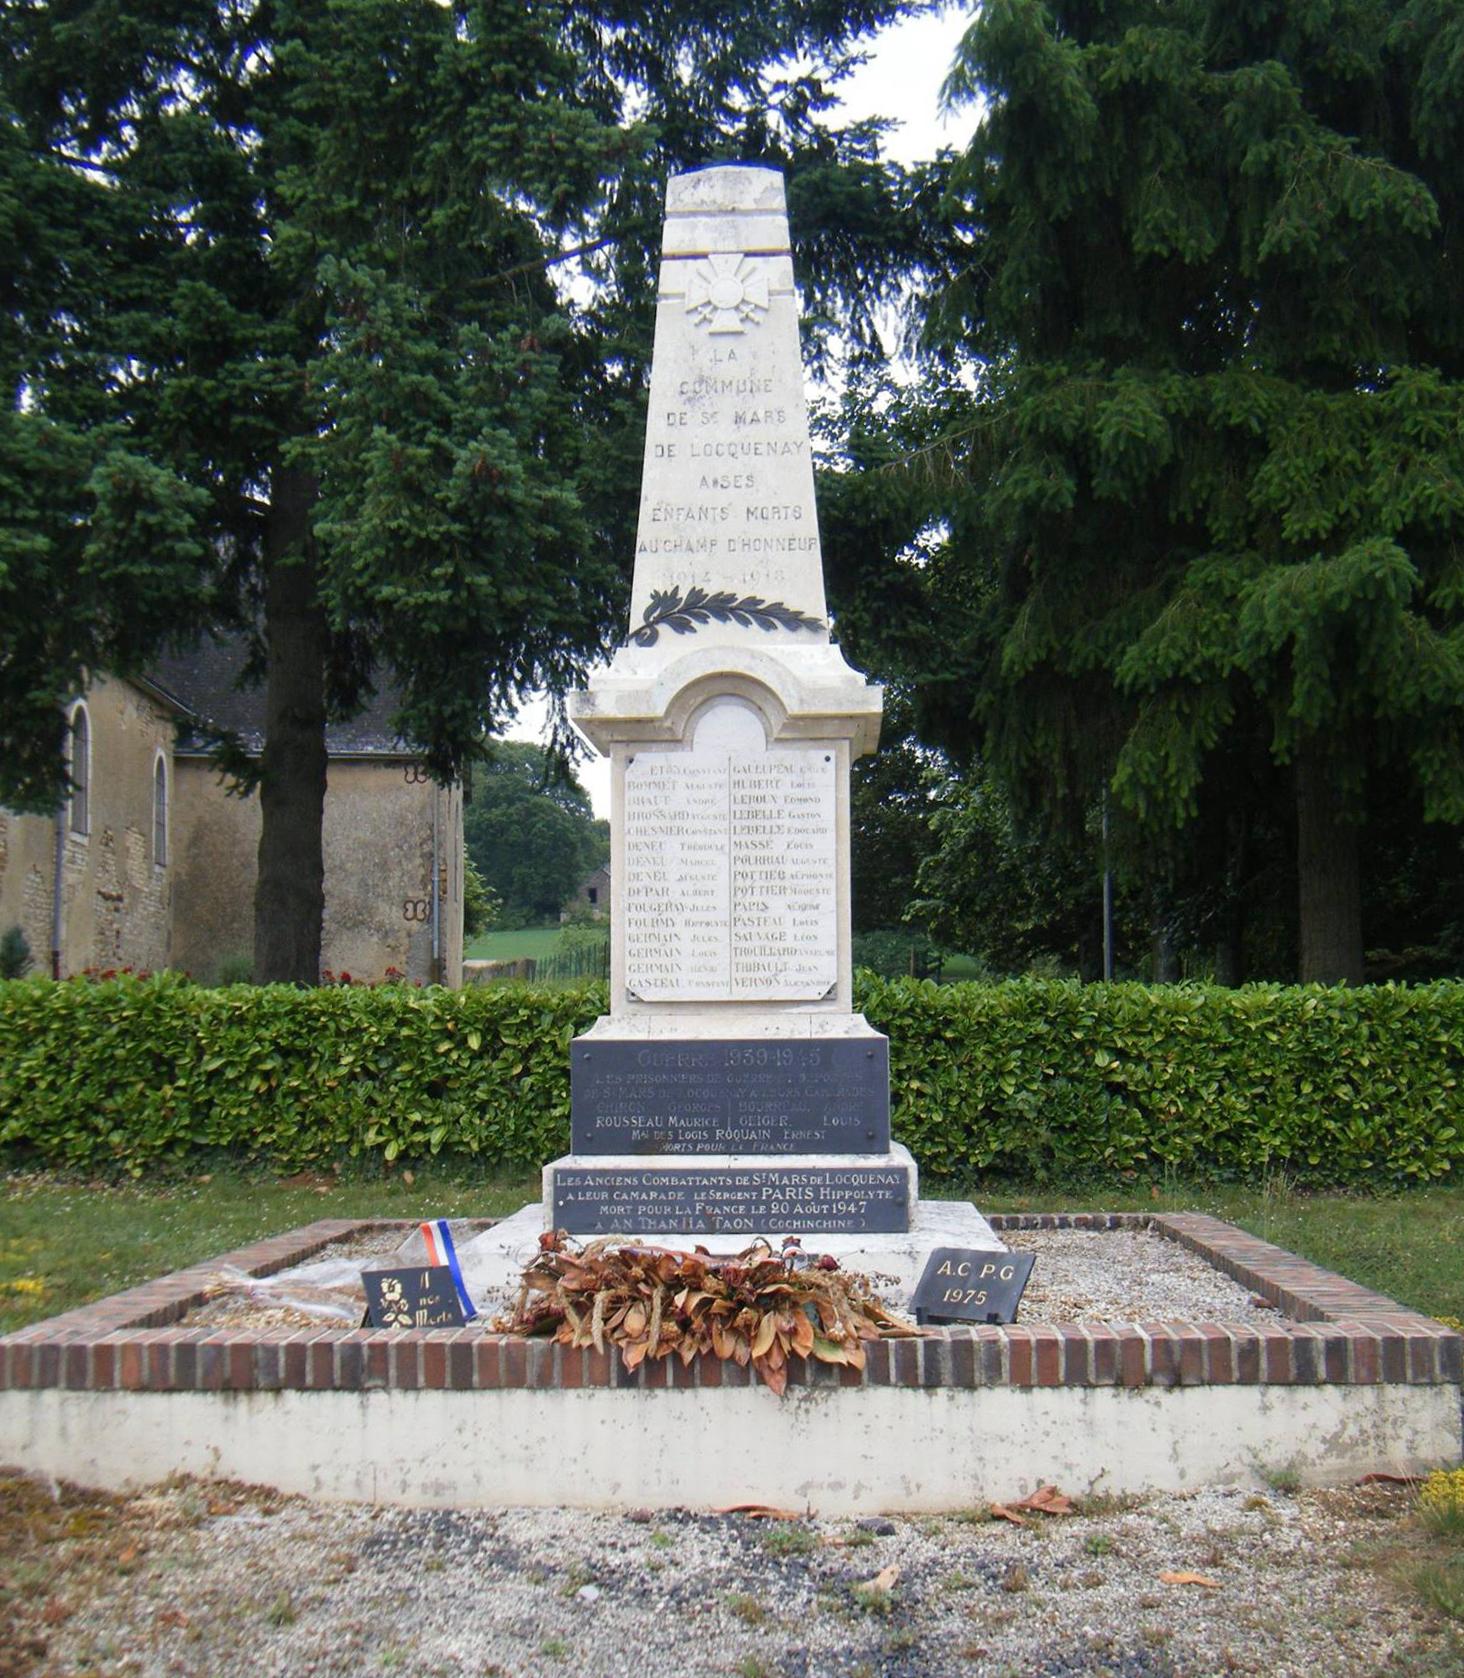 Saint Mars de Locquenay - Monument commémoratif - A ses enfants morts au champ d'hinneur 1914-1918 et 1939-1945 - Vue 01